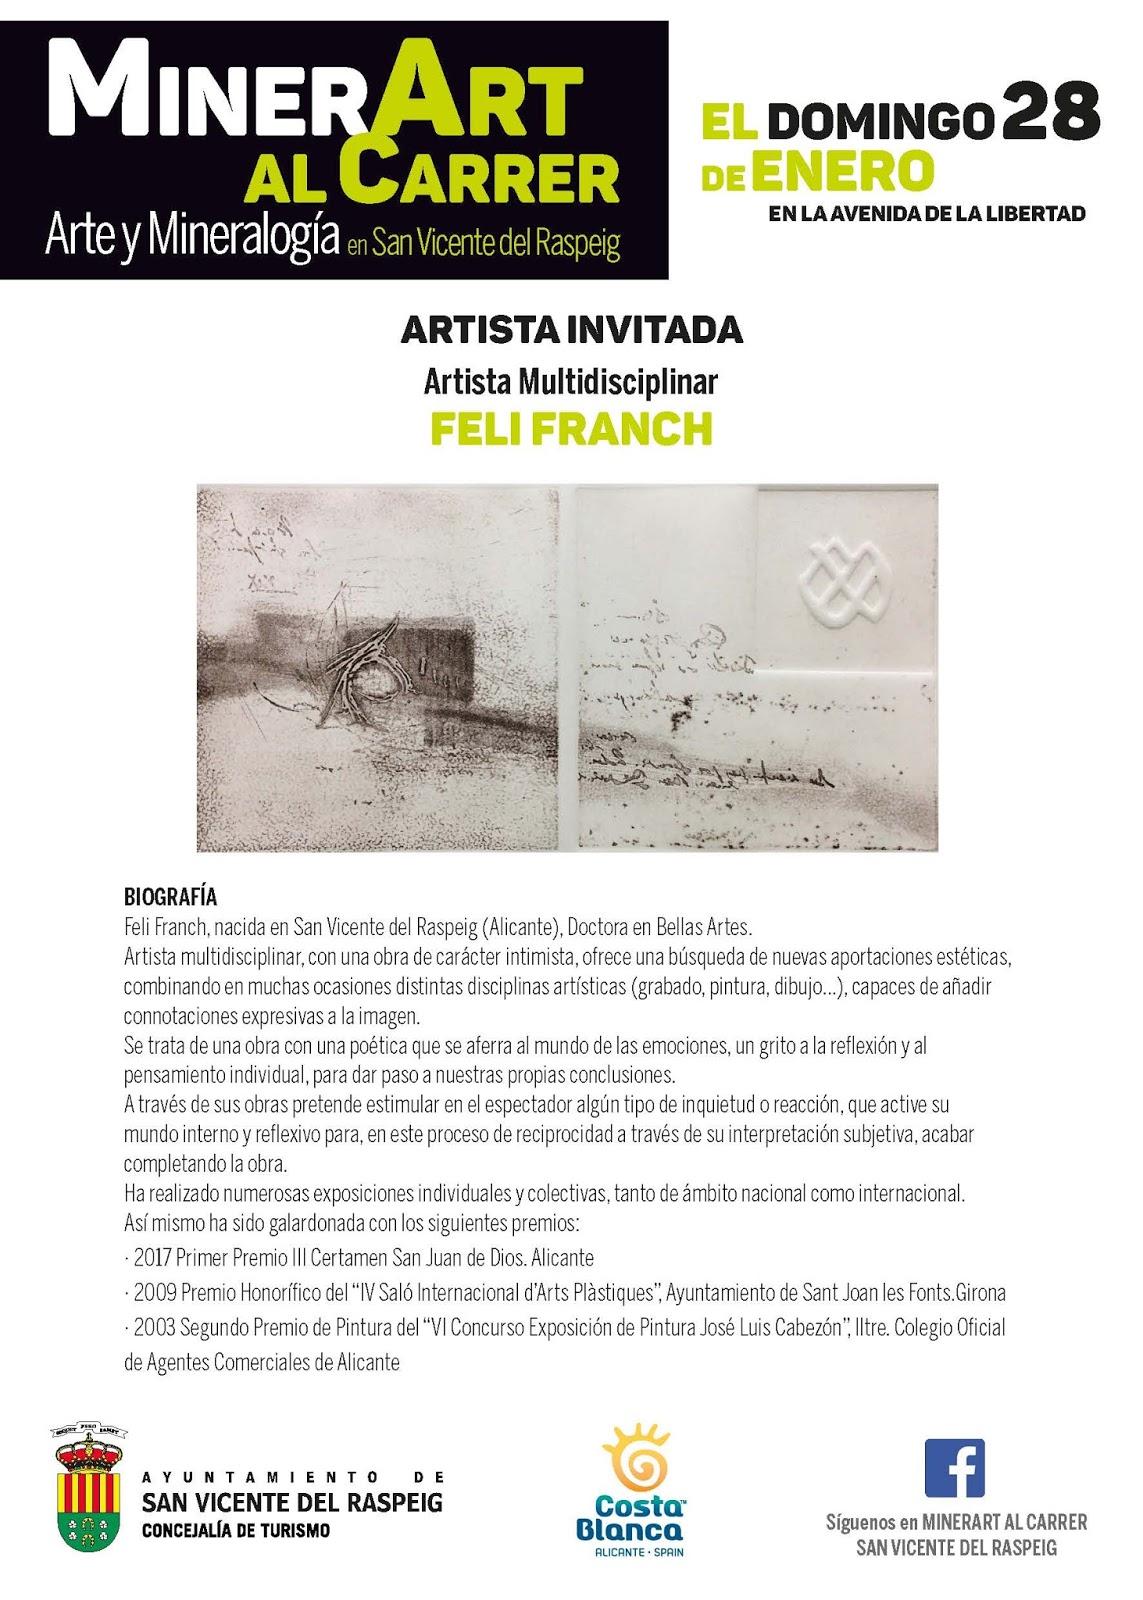 ASOCIACIÓN DE ARTISTAS ALICANTINOS: NUESTRA COMPAÑERA FELI FRANCH ...